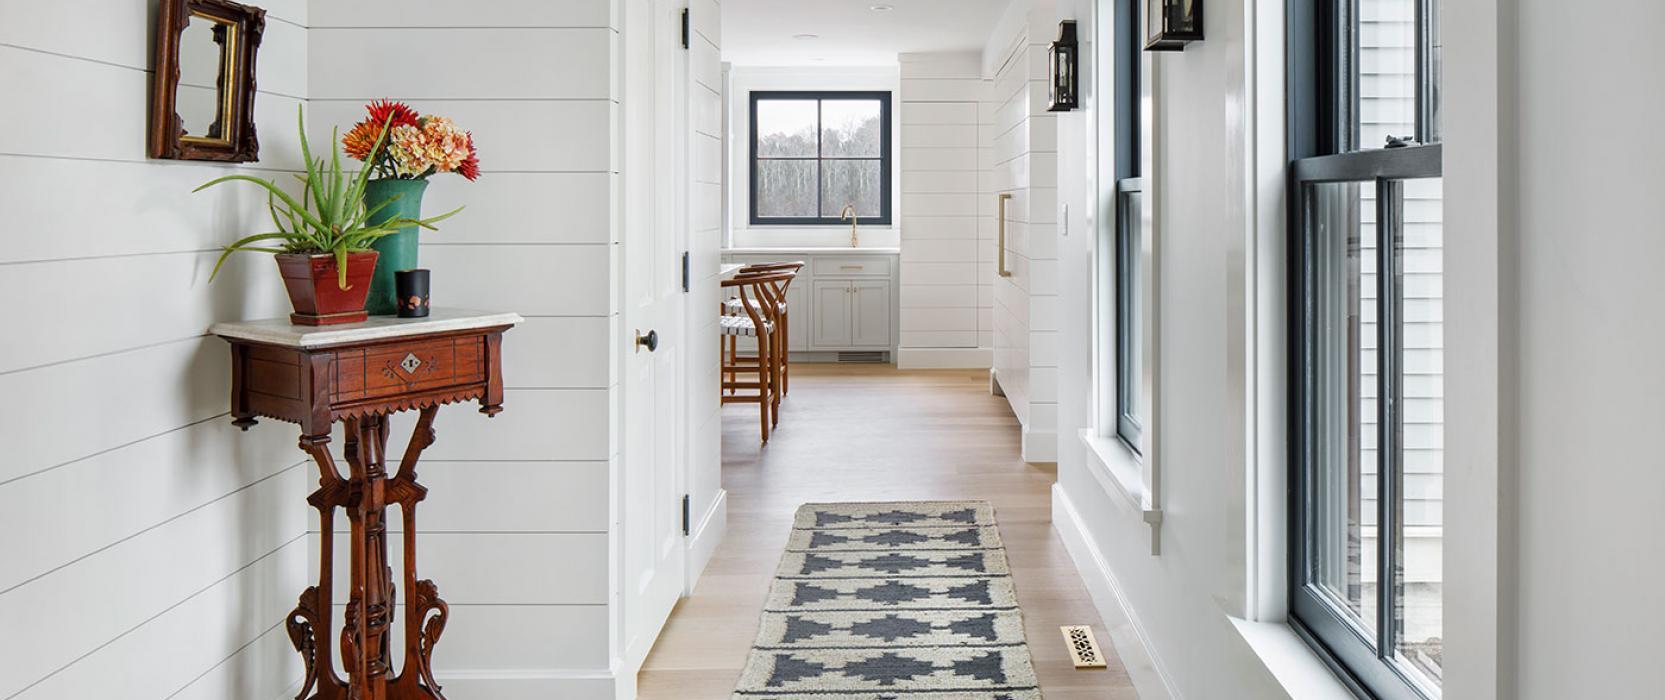 Nickel gap wood paneling lines a custom hallway by McCormack Builders